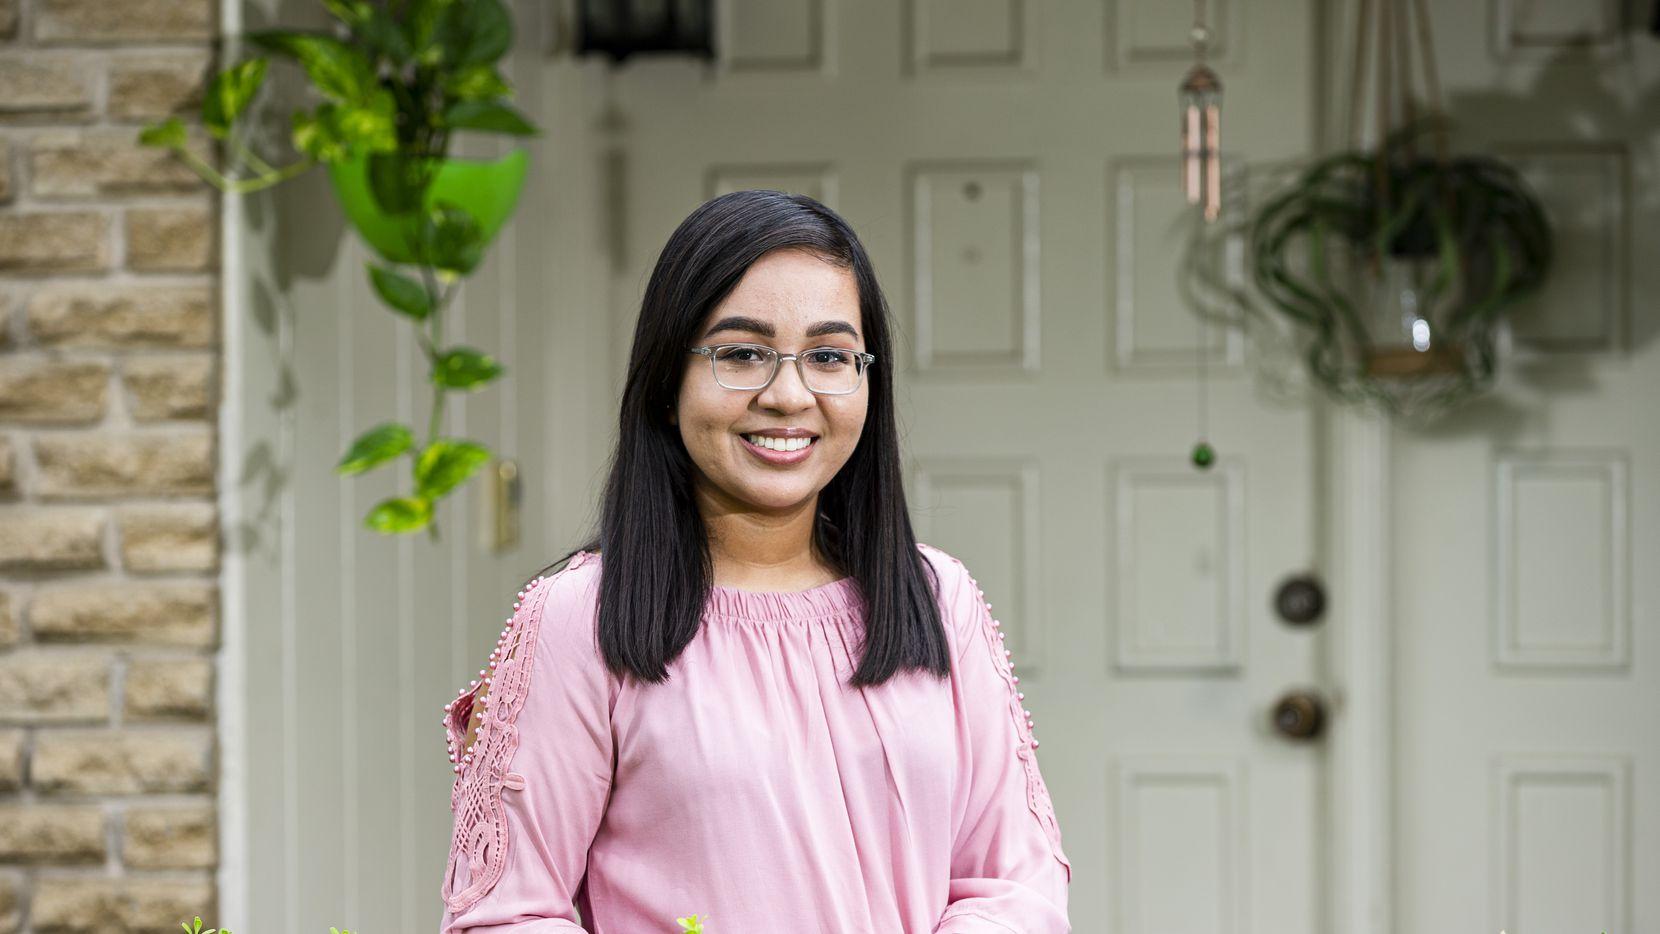 Michelle Fraile, de 22 años, ha sido intérprete para su familia durante toda su vida. Ahora, casi por terminar la carrera de enfermería, busca usar sus habilidades bilingües en la medicina.